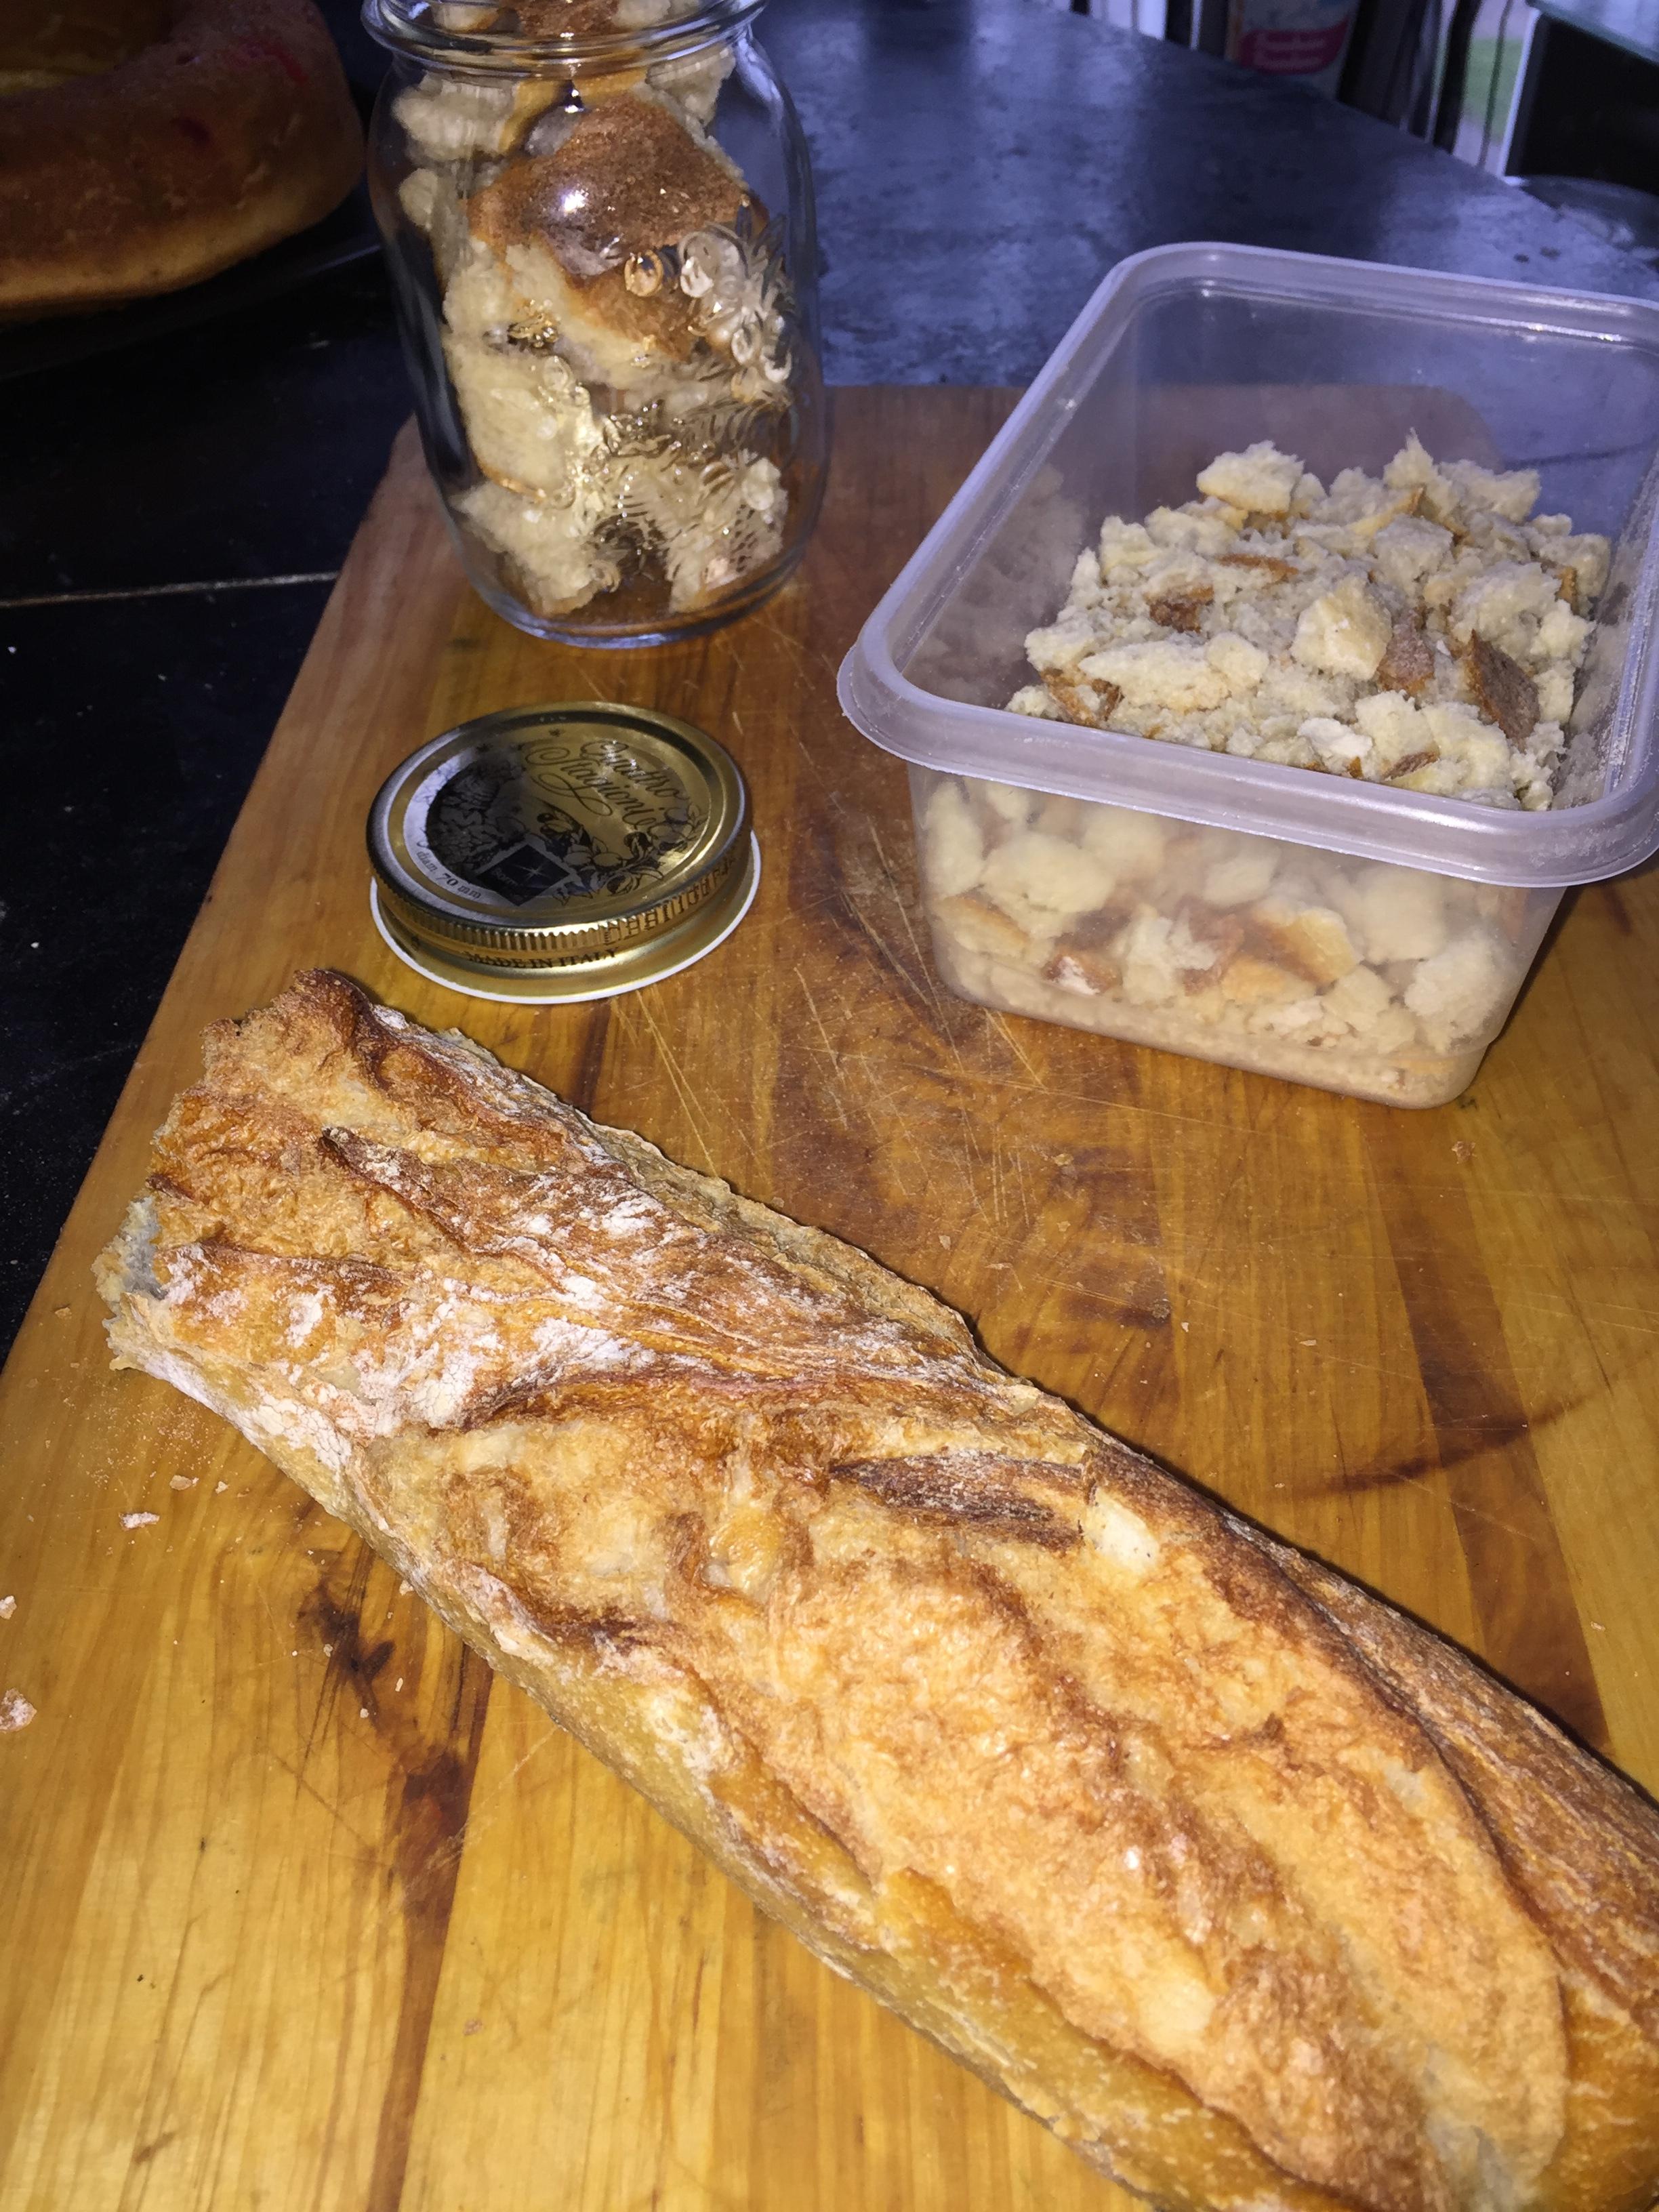 Que faire avec les restes de pain?